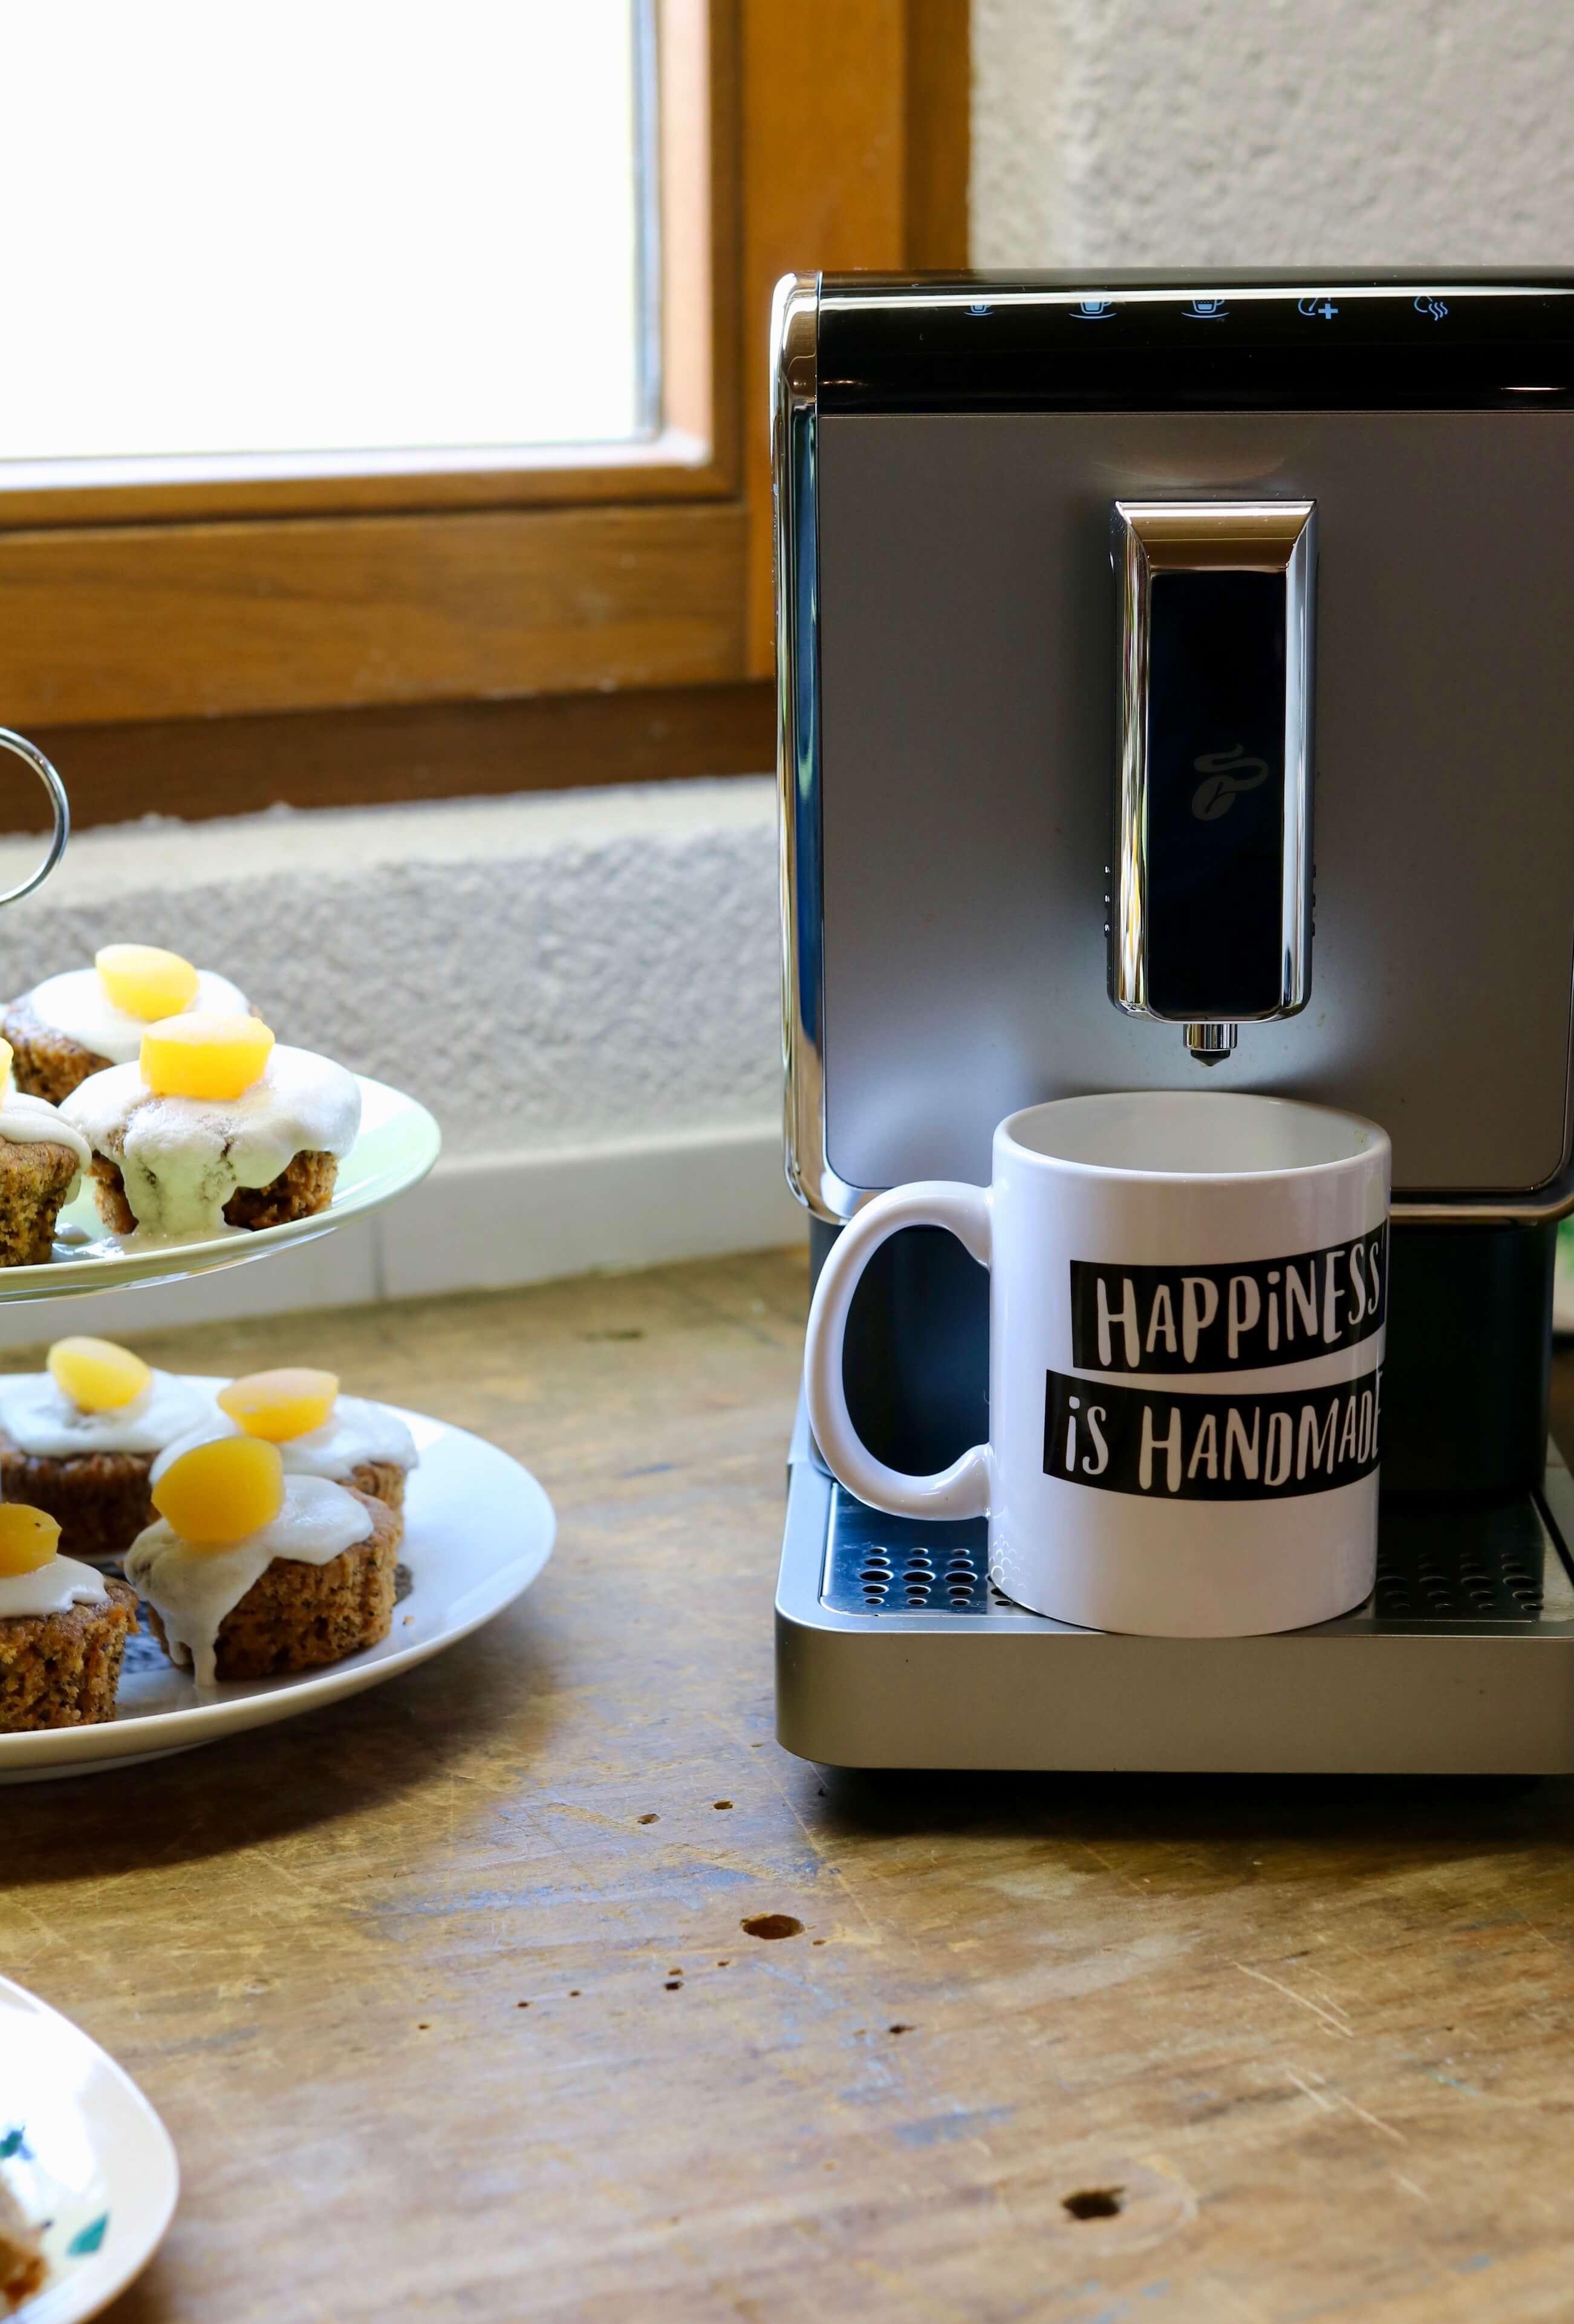 Happinez is handemade, wenn das mal kein Motto ist! Kaffee, Kuchen und Kreatives!